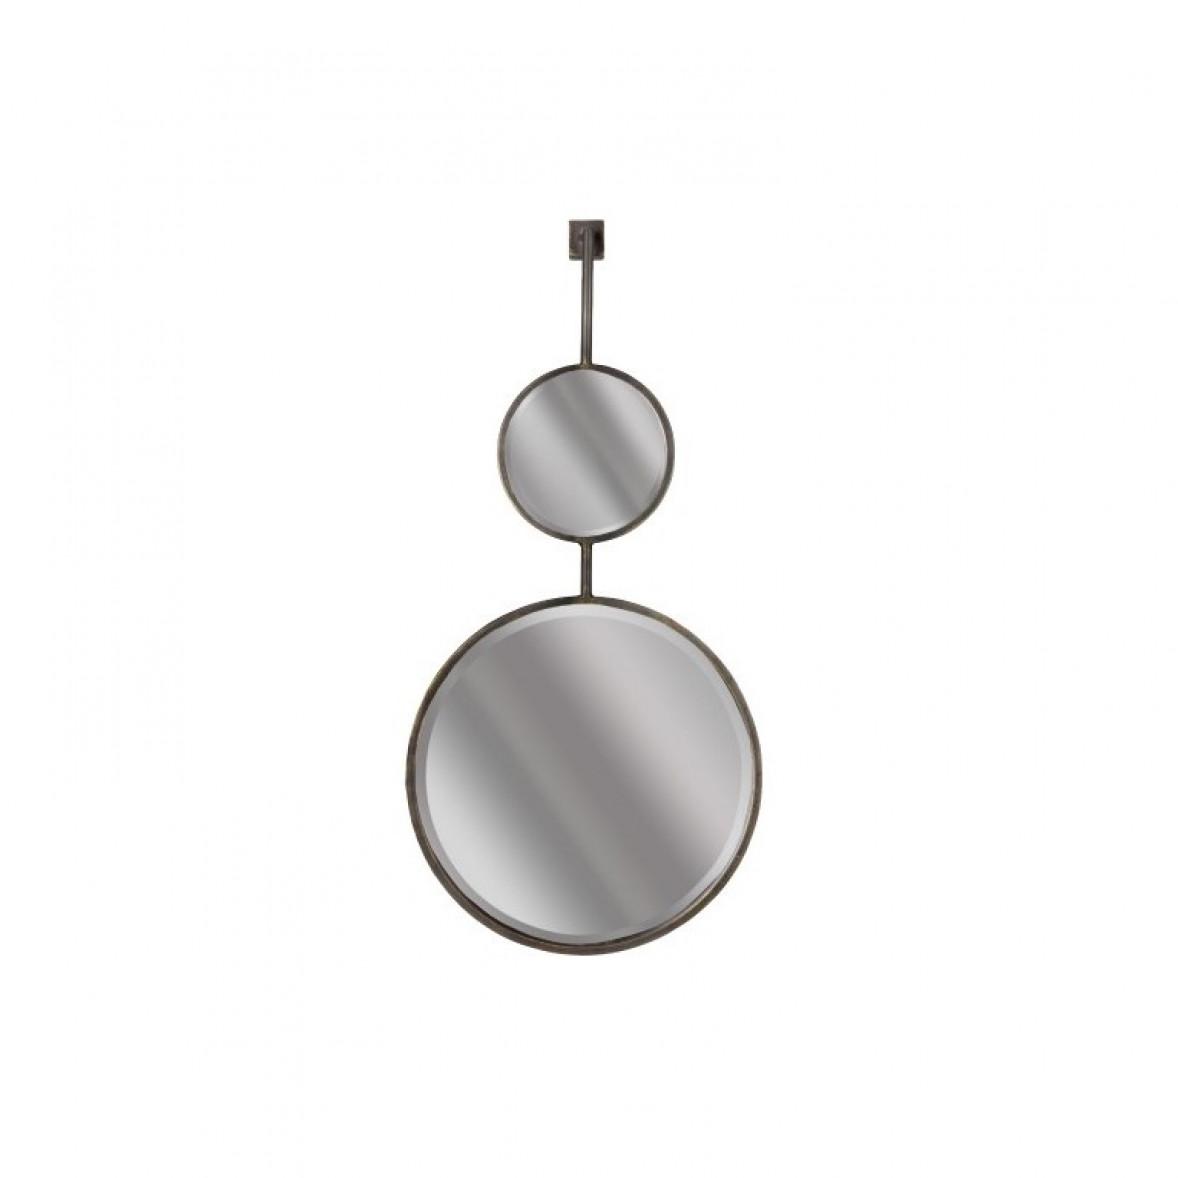 Spiegelkette doppelt groß | Schwarz